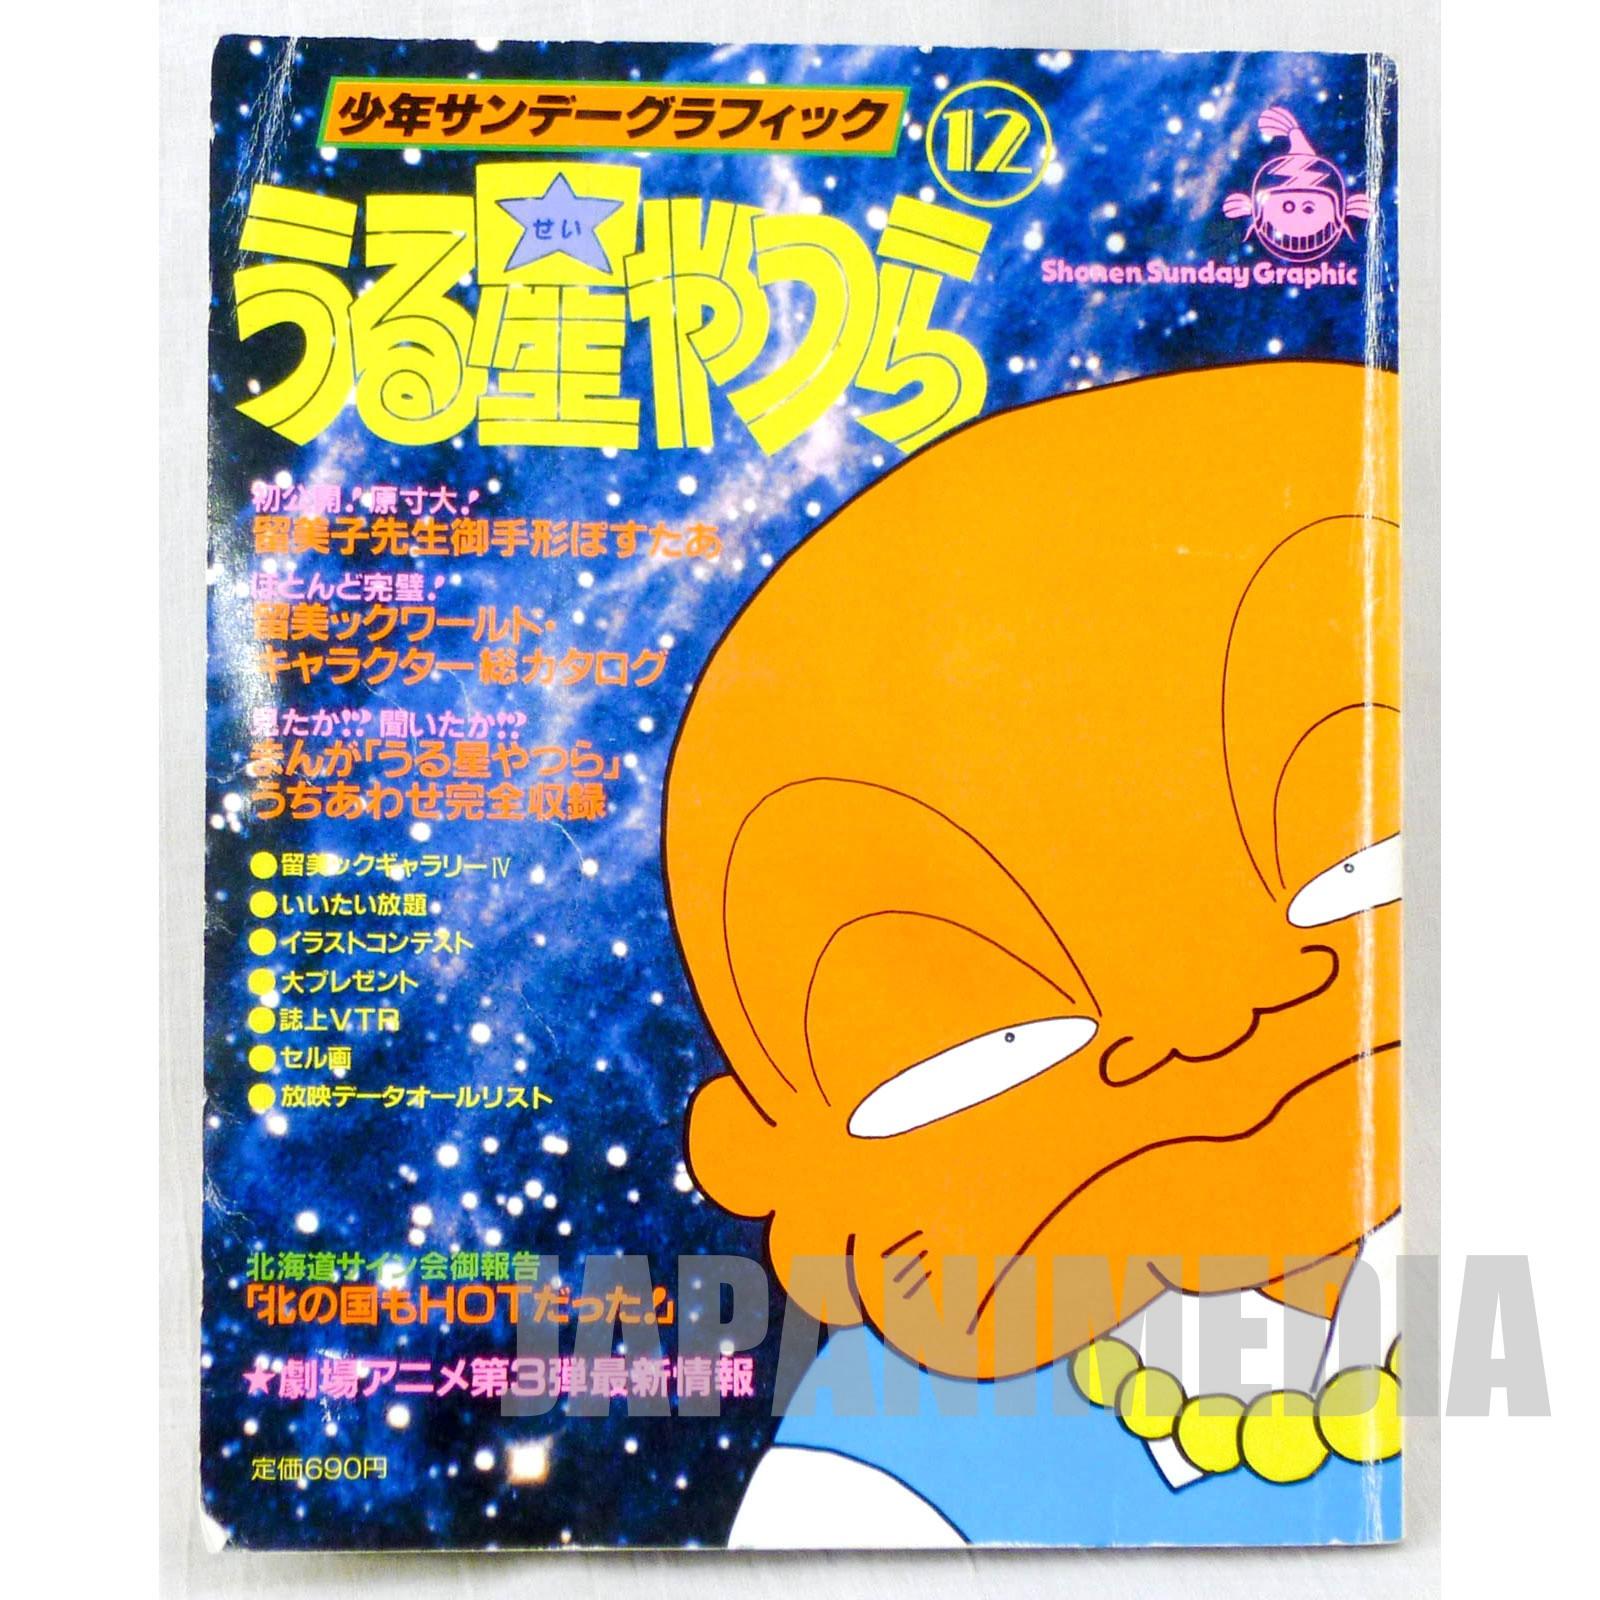 Urusei Yatsura Shonen Sunday Graphic Book 12 Poster JAPAN ANIME